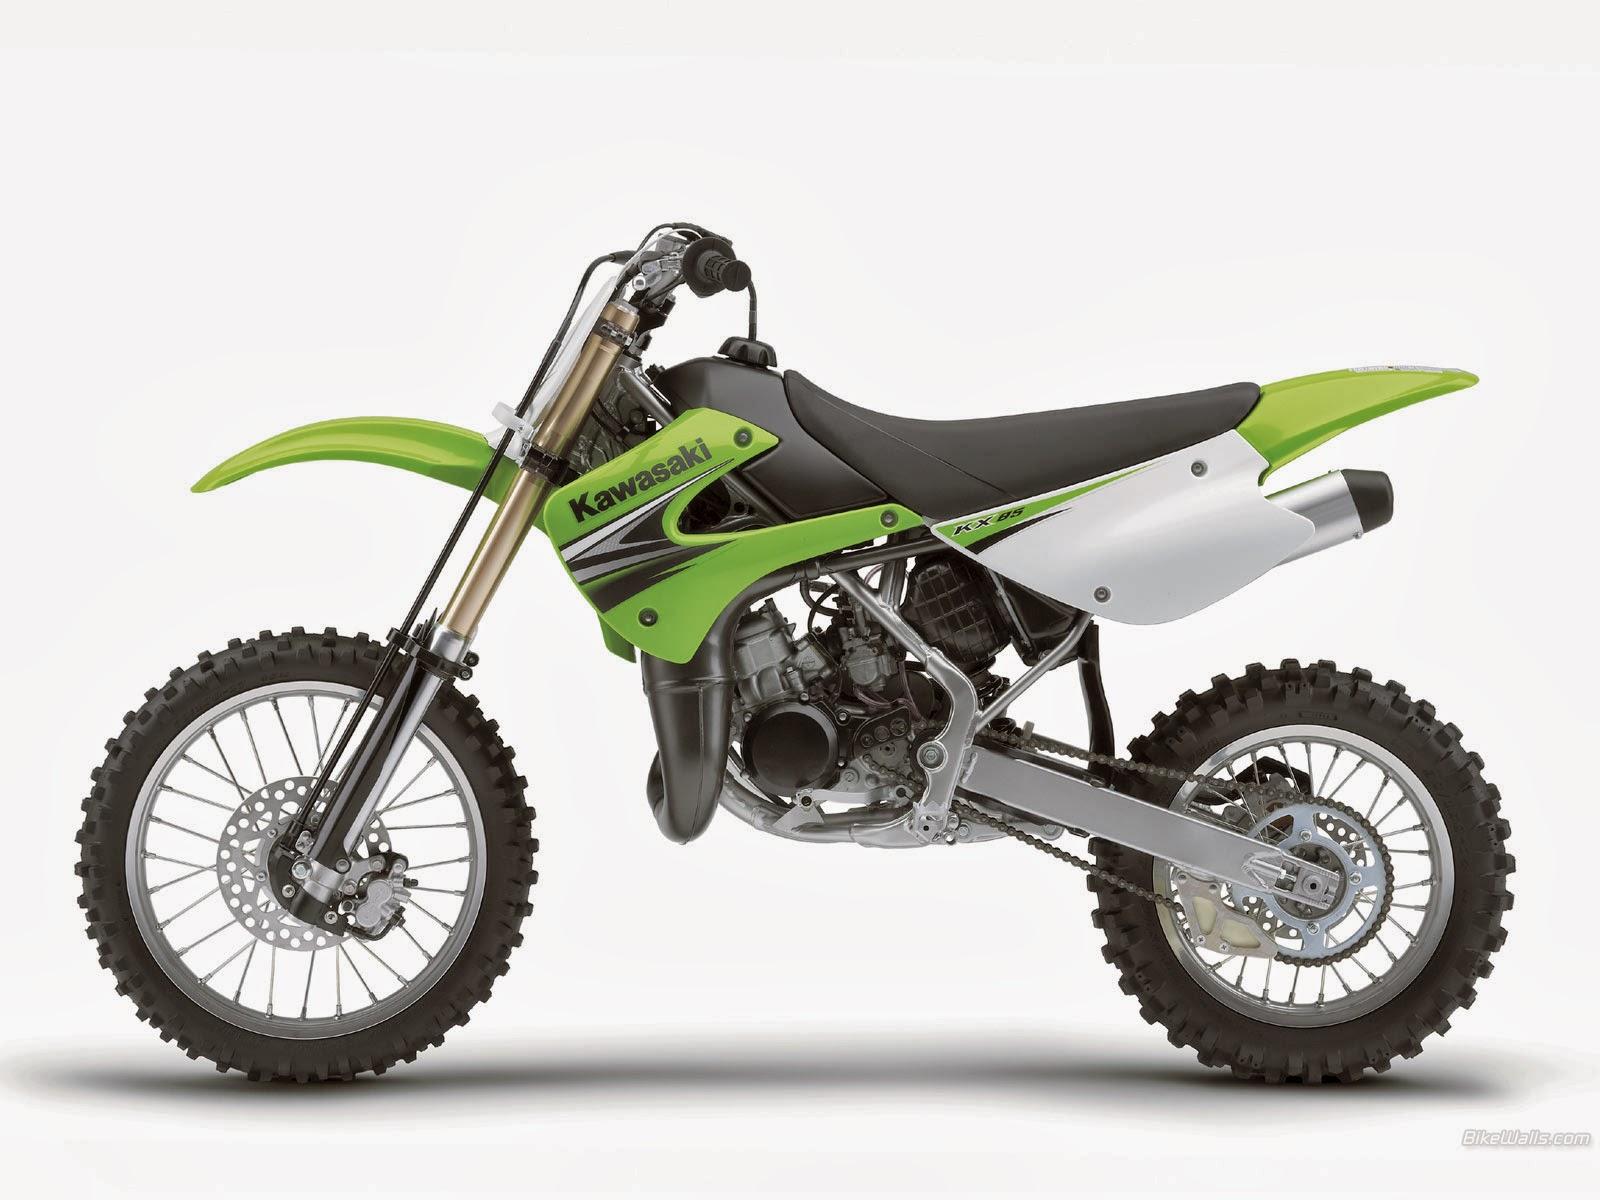 Kawasaki Kx 85 Kawasaki Motor